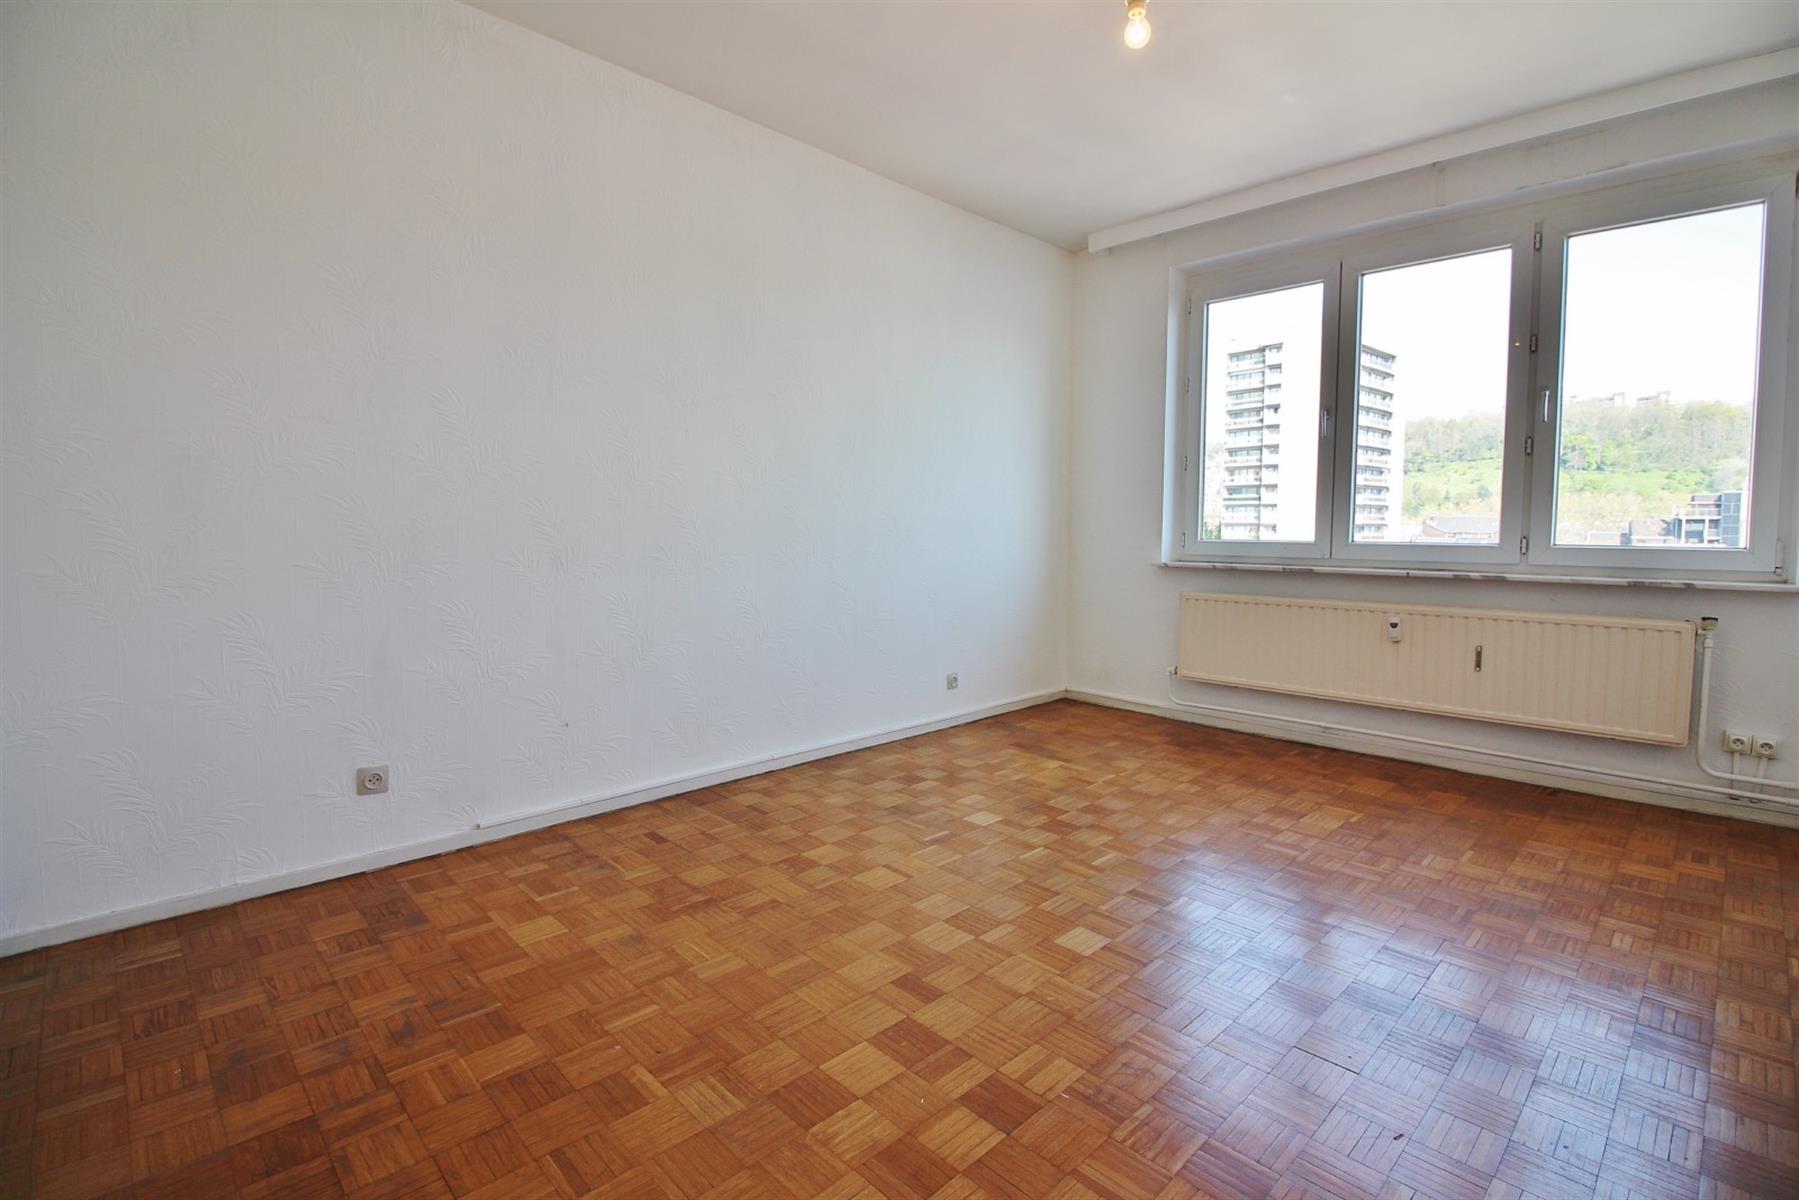 Appartement - Liege - #4348061-11